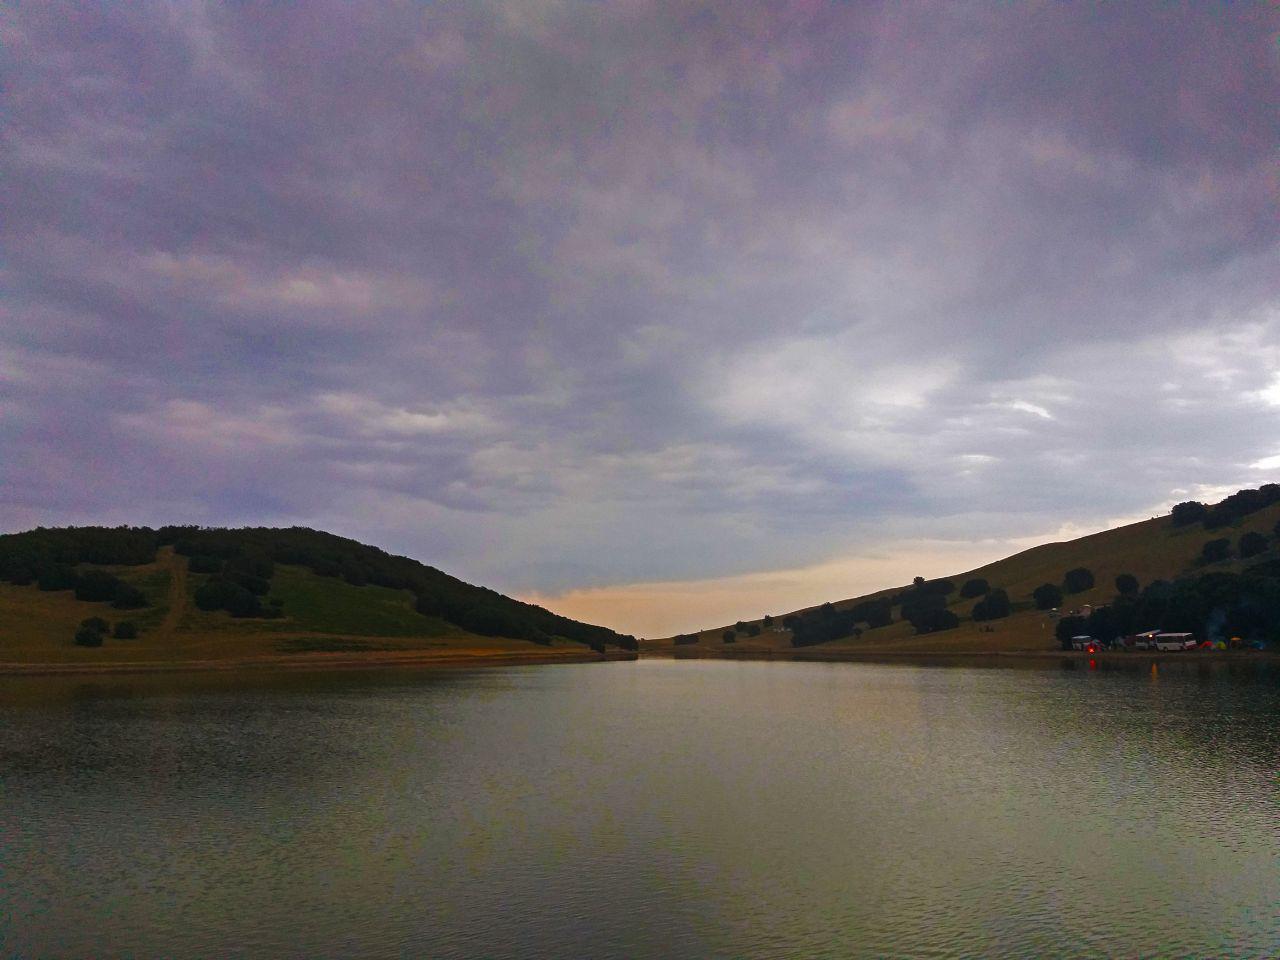 طبیعت زیبای دریاچه ی سوها در اردبیل